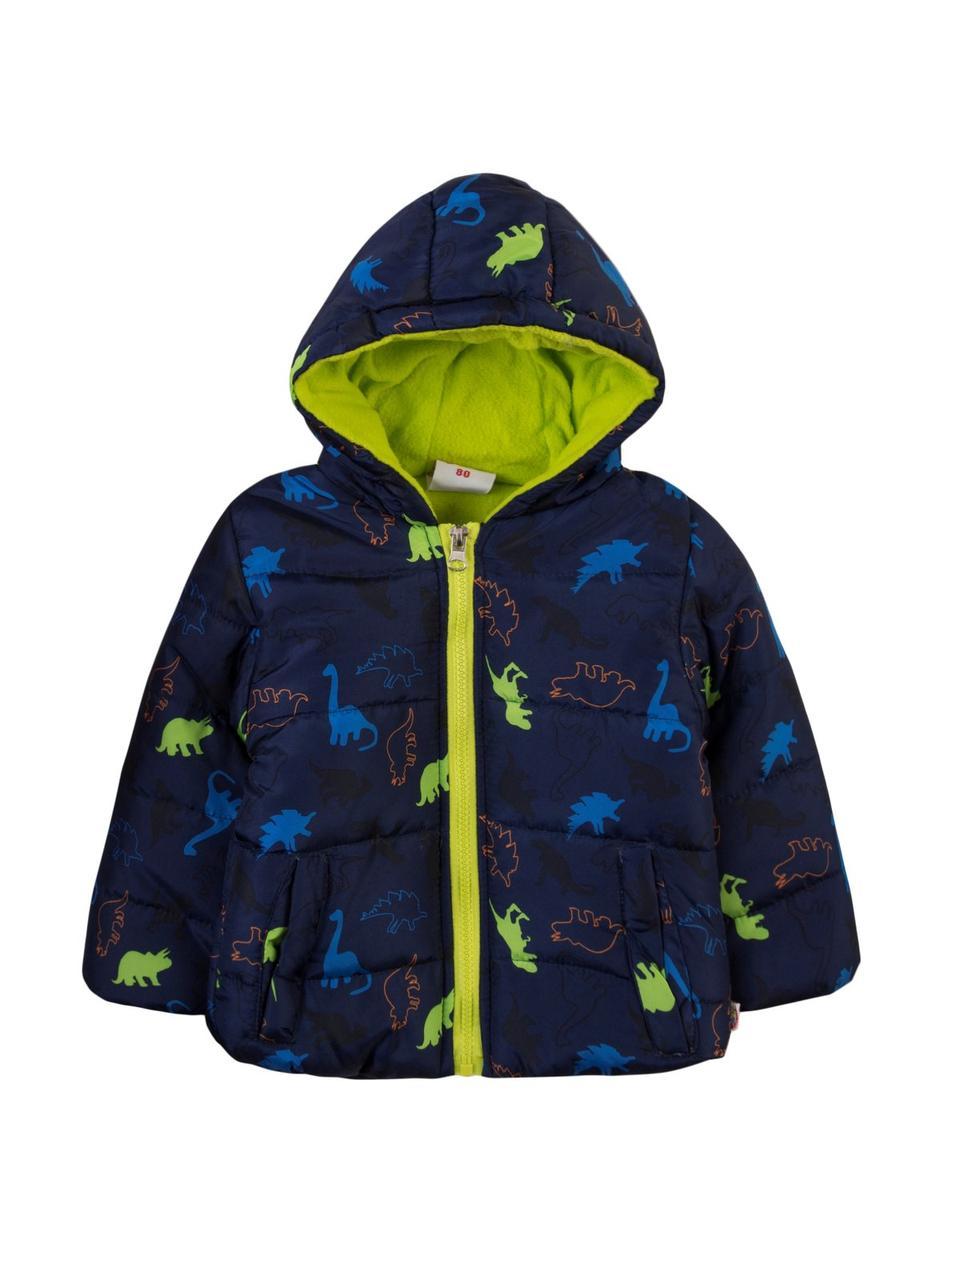 f1503a9a0705 Детская демисезонная куртка на мальчика 1,5-2 года Польша Размер 86 -  Интернет